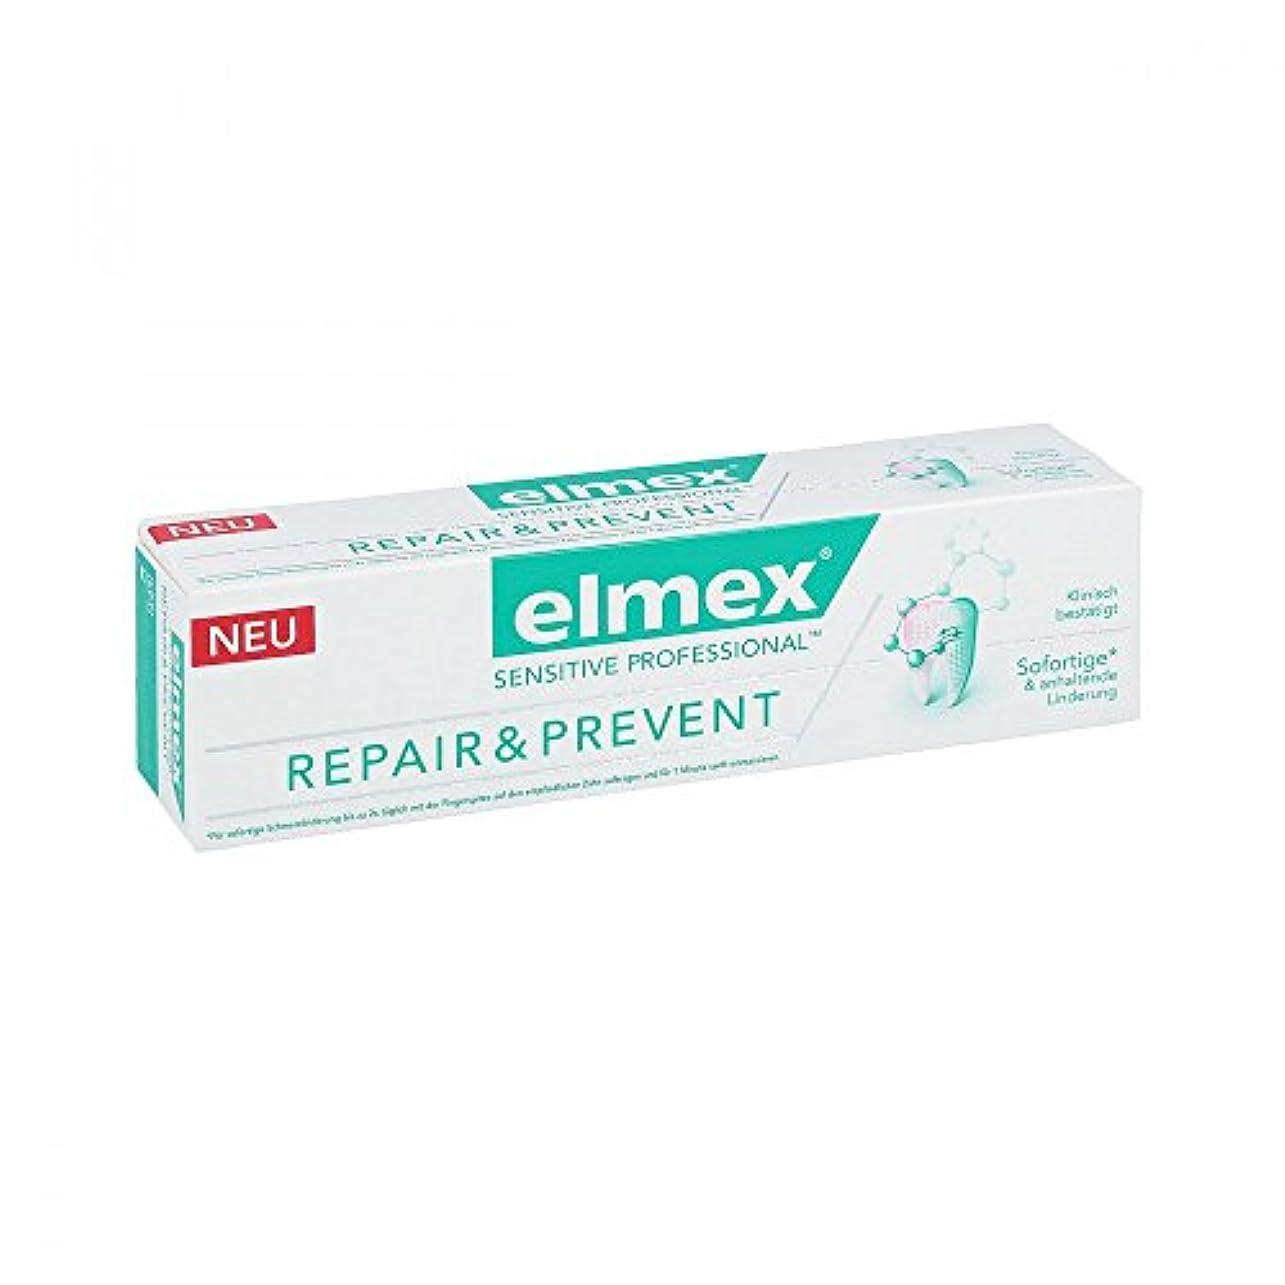 推進力官僚発生器3本セット Elmex エルメックス プロ センシティブ 修復 予防 知覚過敏用 歯磨き粉 75ml【並行輸入品】